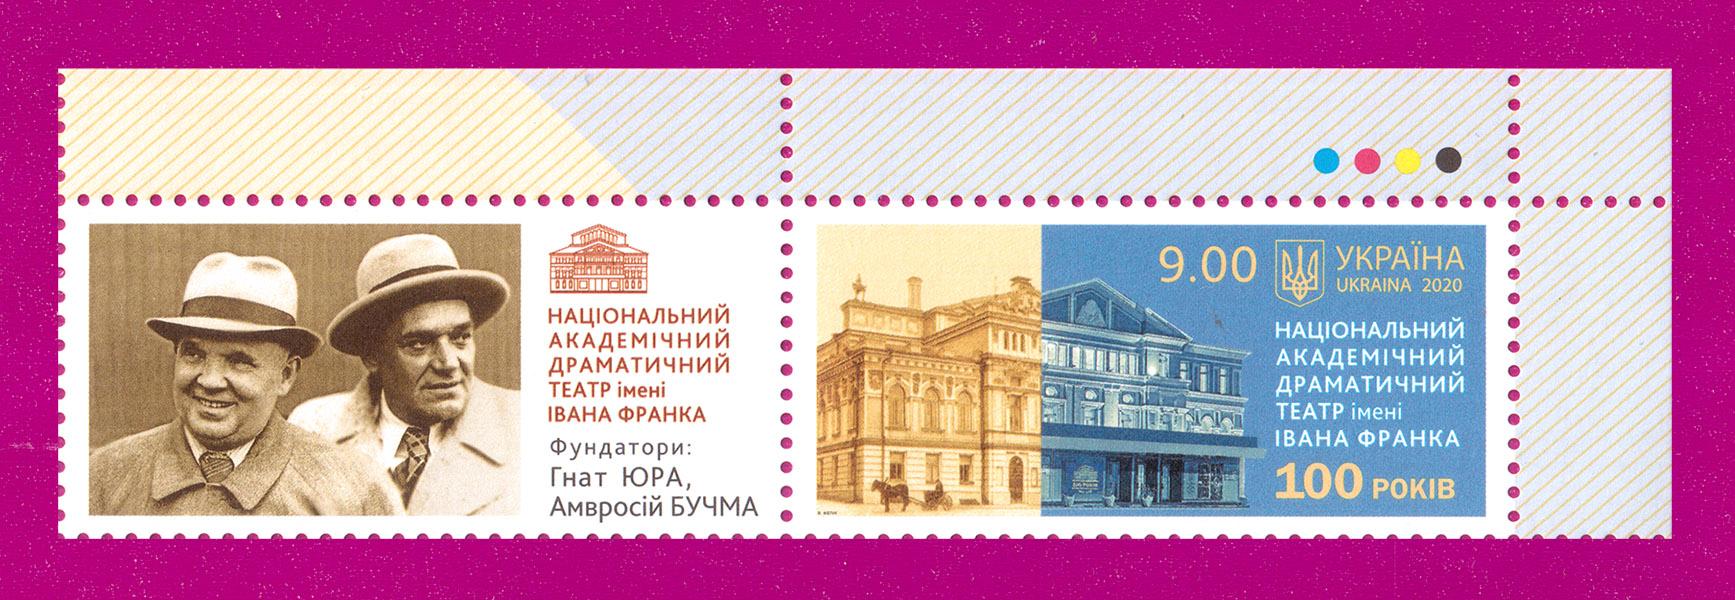 2020 марка Театр Ивана Франко искусство УГОЛ С КУПОНОМ Украина